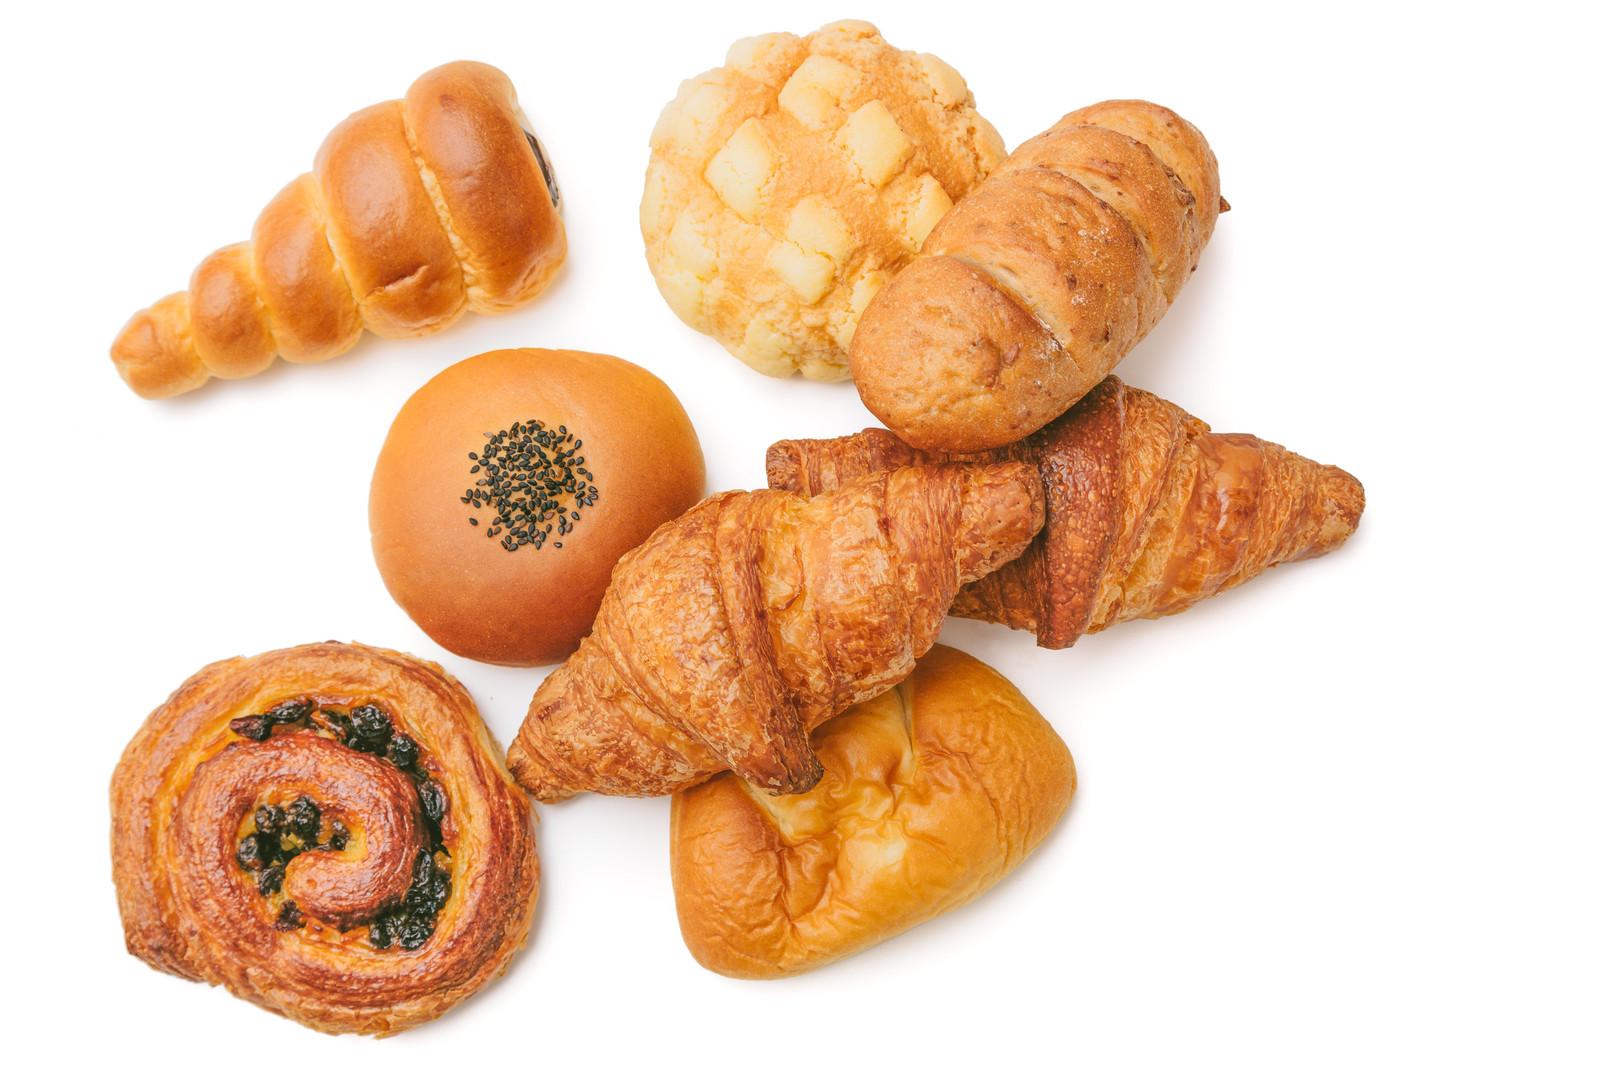 目黒のパン屋さんで美味しいのは?人気店やおすすめメニューを紹介!